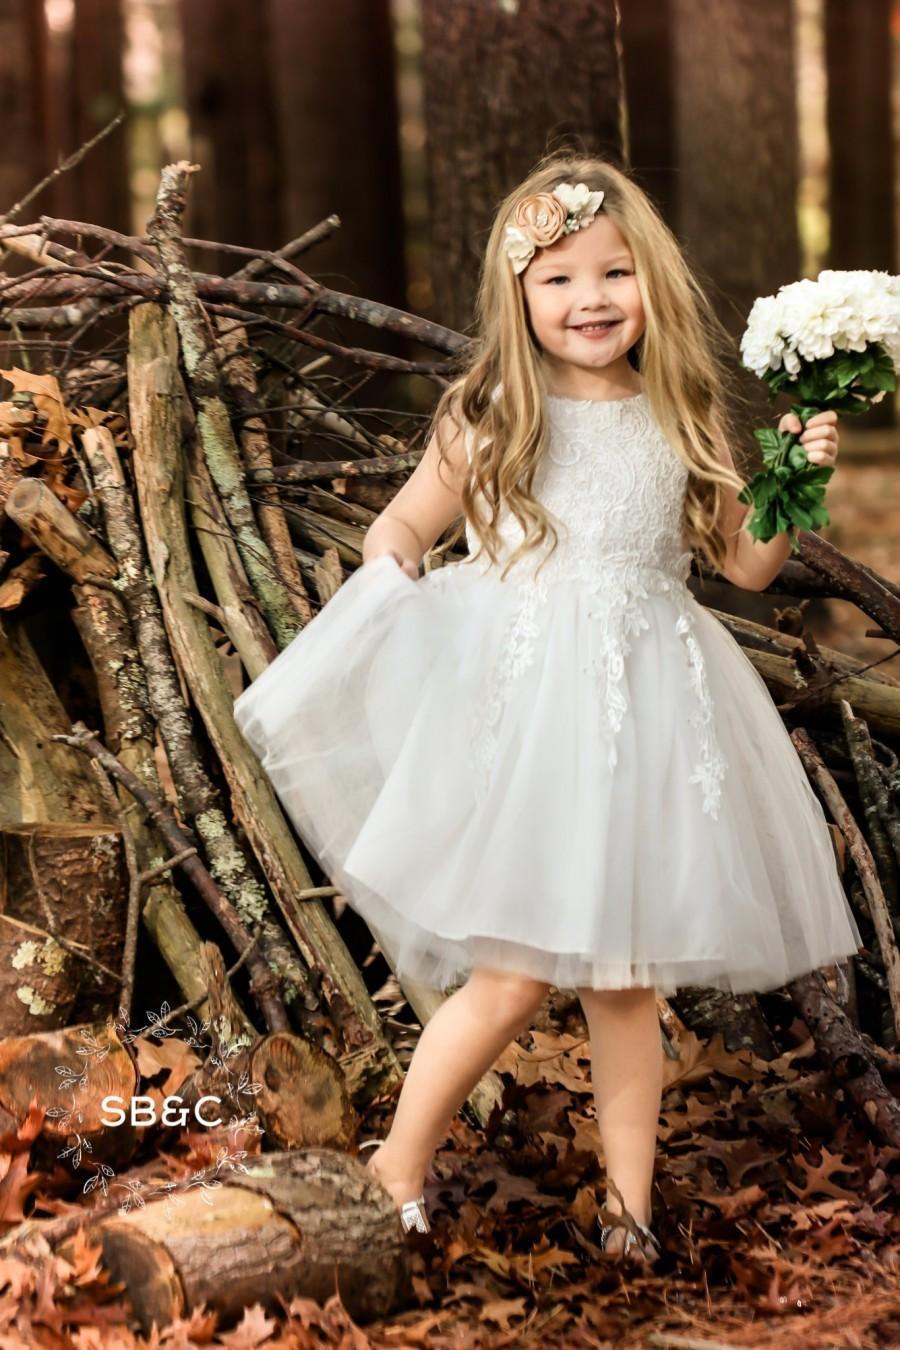 d08304901 Flower Girl Dresses-Rustic Flower Girl Dresses-Vintage girl dress-Country  Dress-White Tulle dress-Birthday Dresses-Baptism Dress-White Dress. 69.99.  Wedding ...